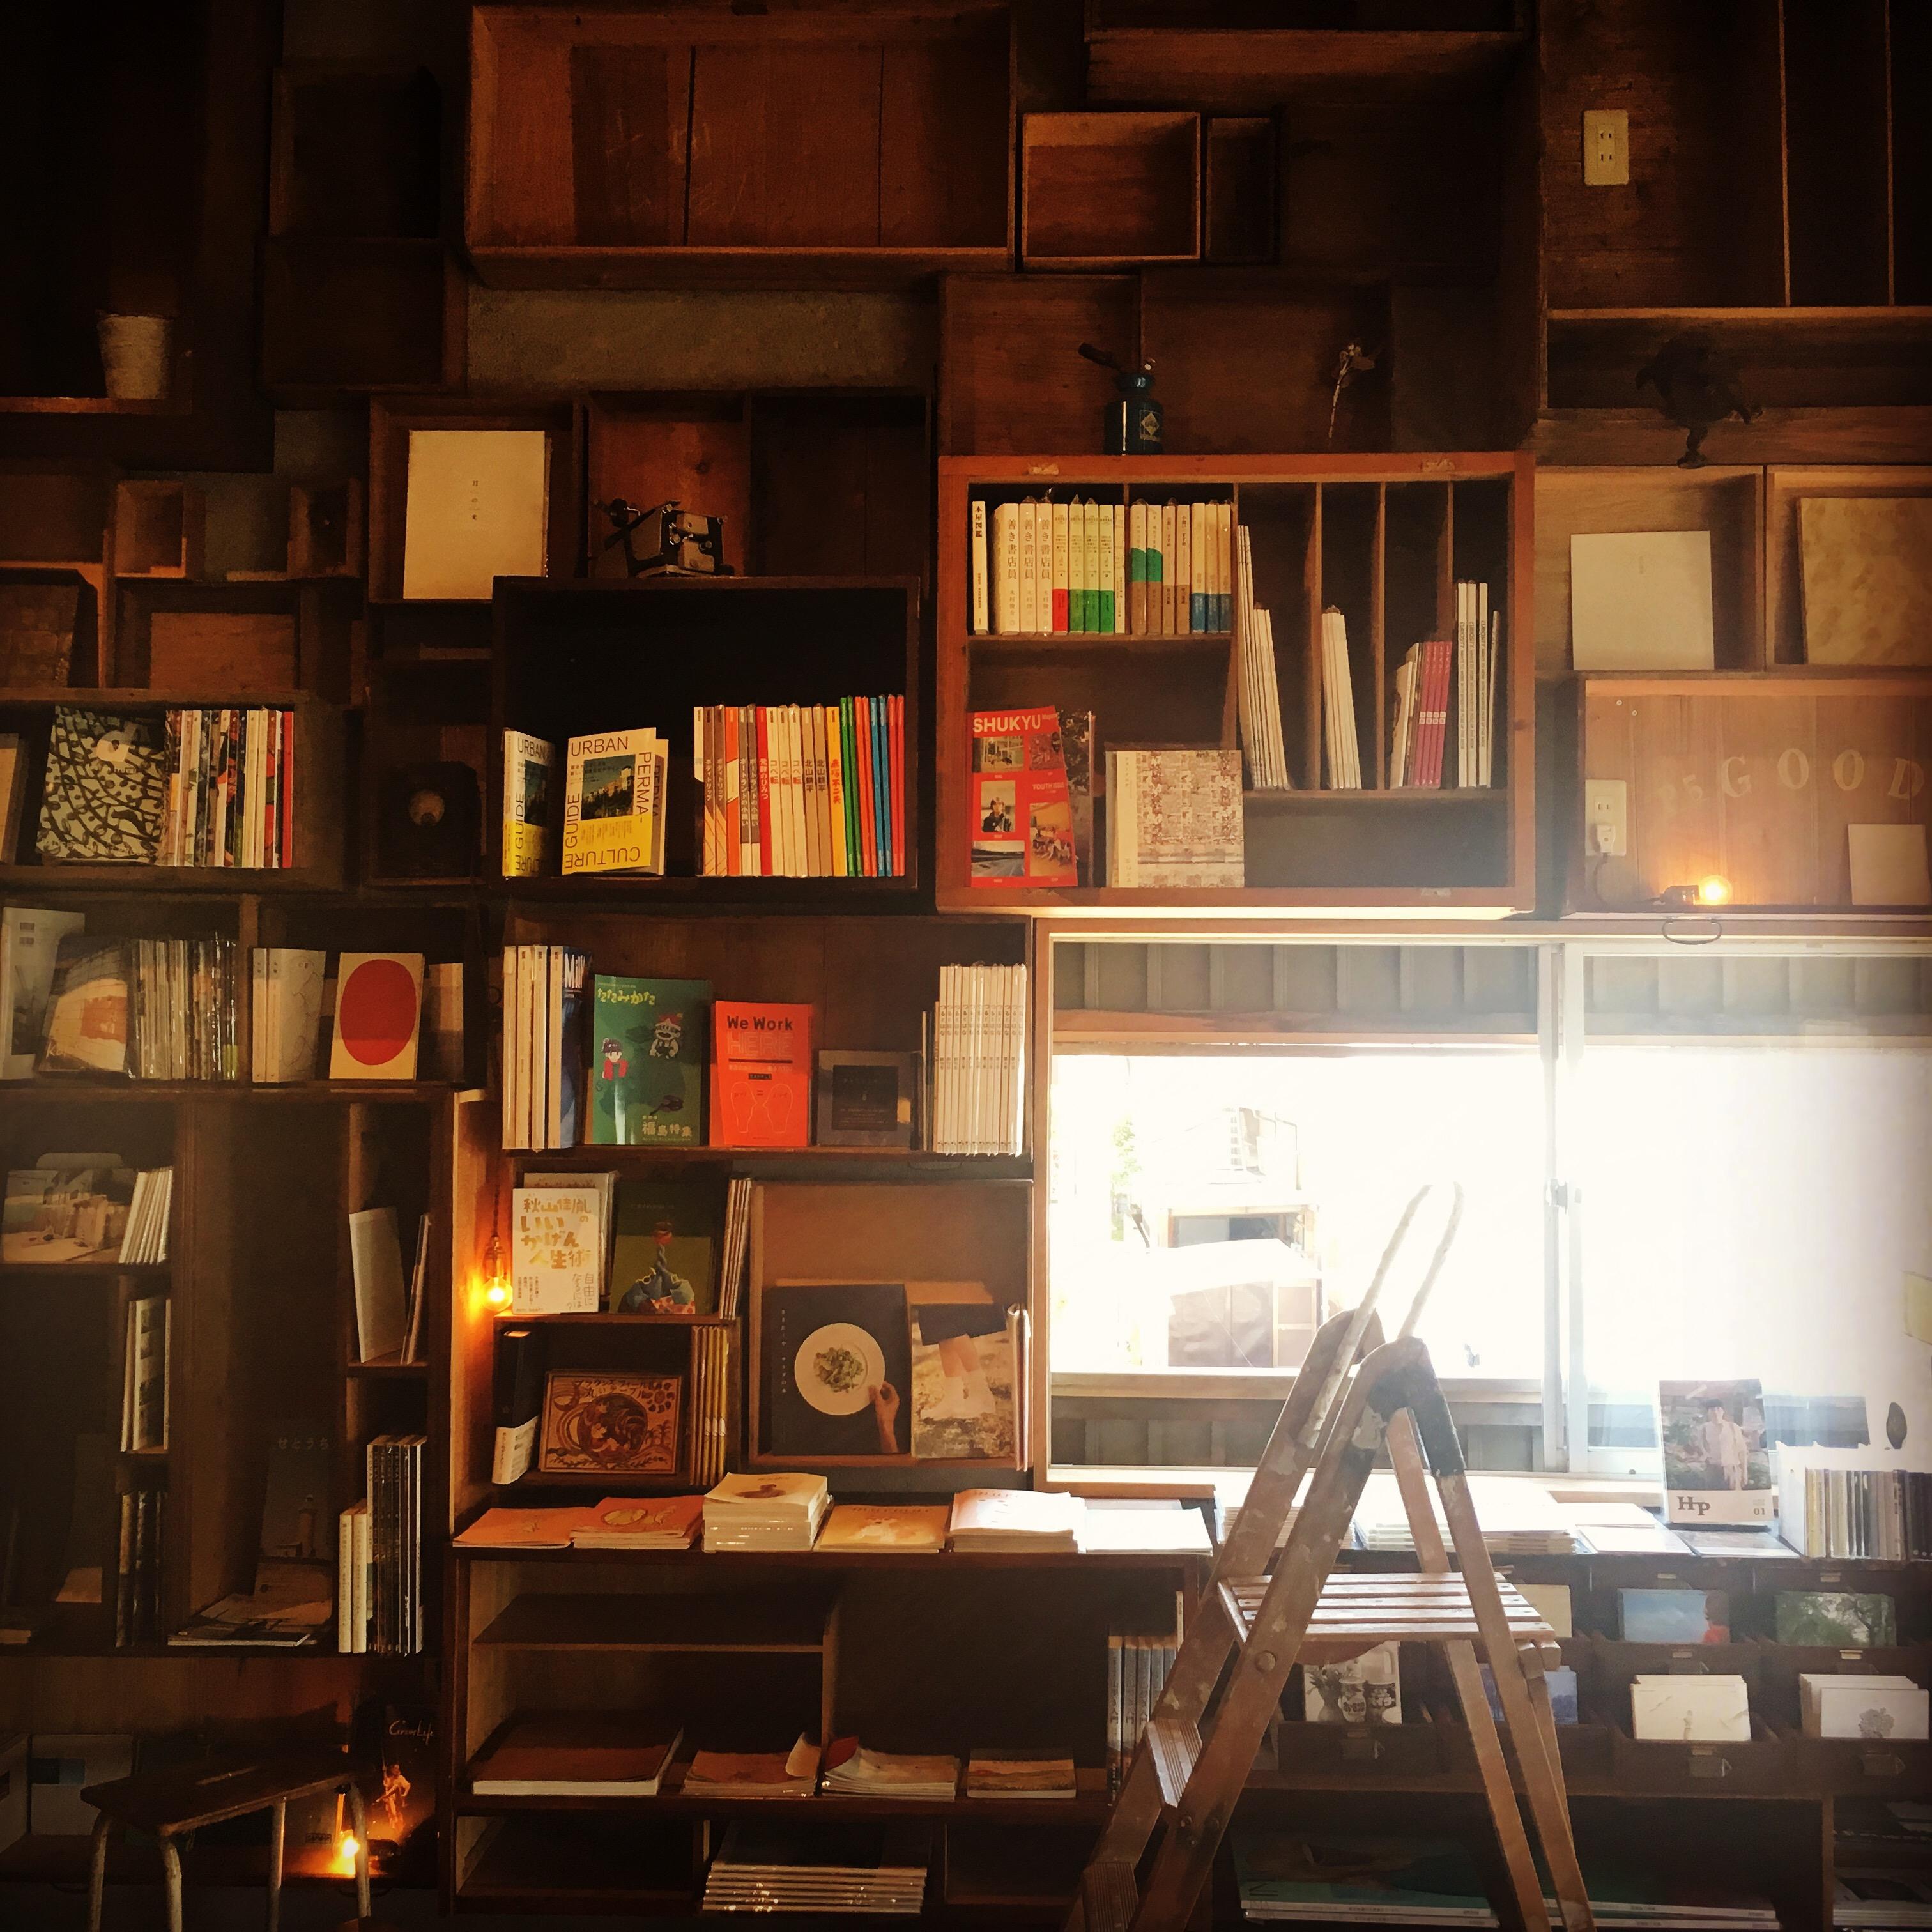 松本のブックカフェ栞日の風景